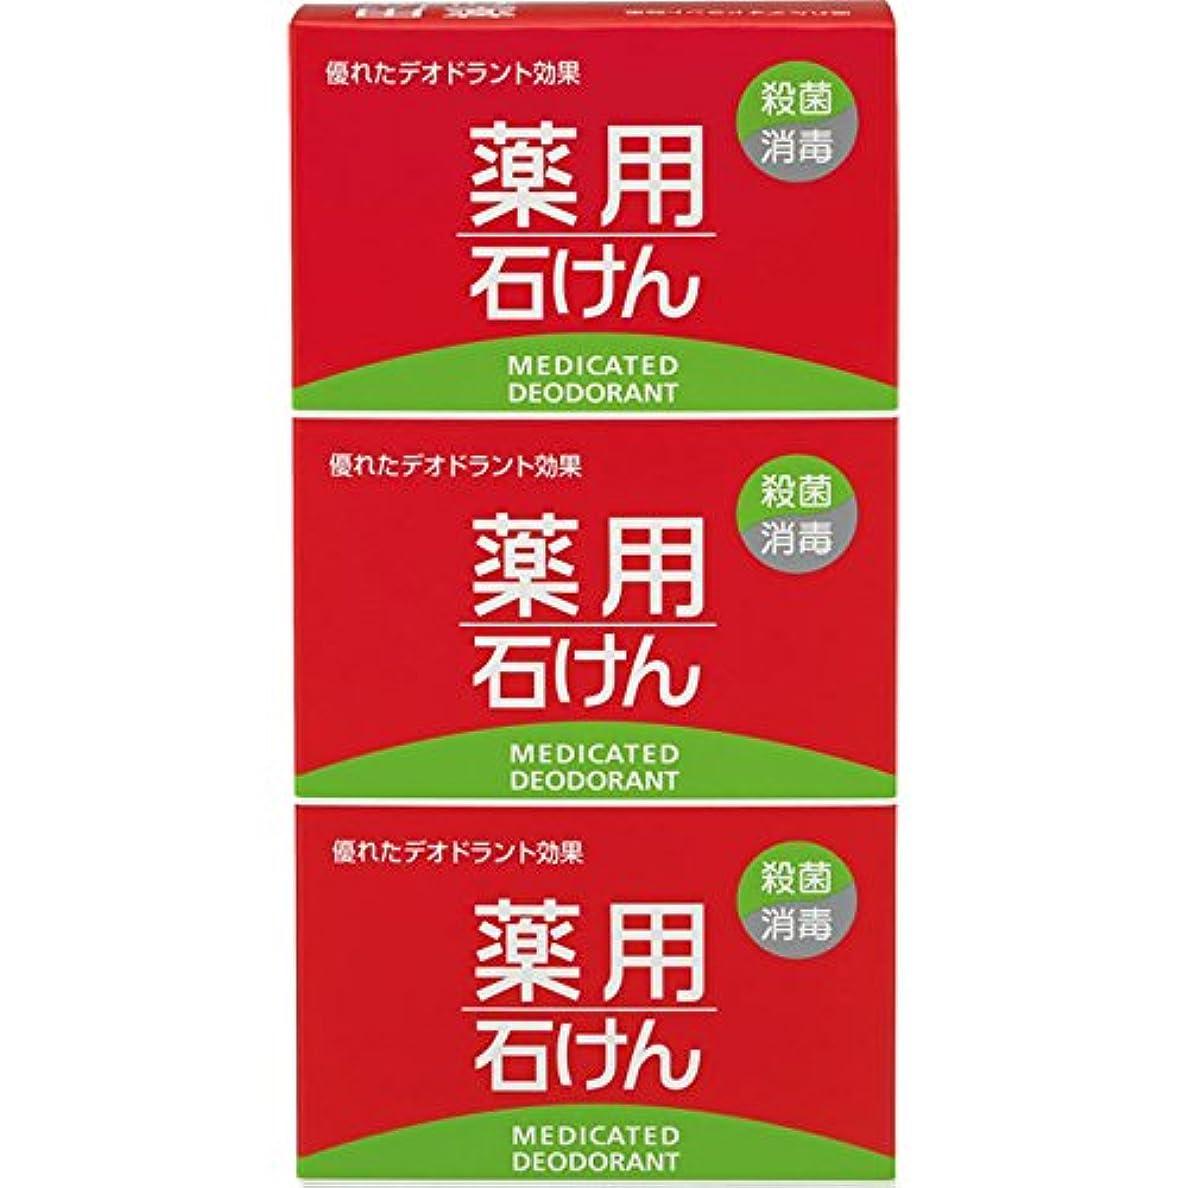 爆発ストリーム糸熊野油脂 薬用石けん 100g×3個 (医薬部外品)